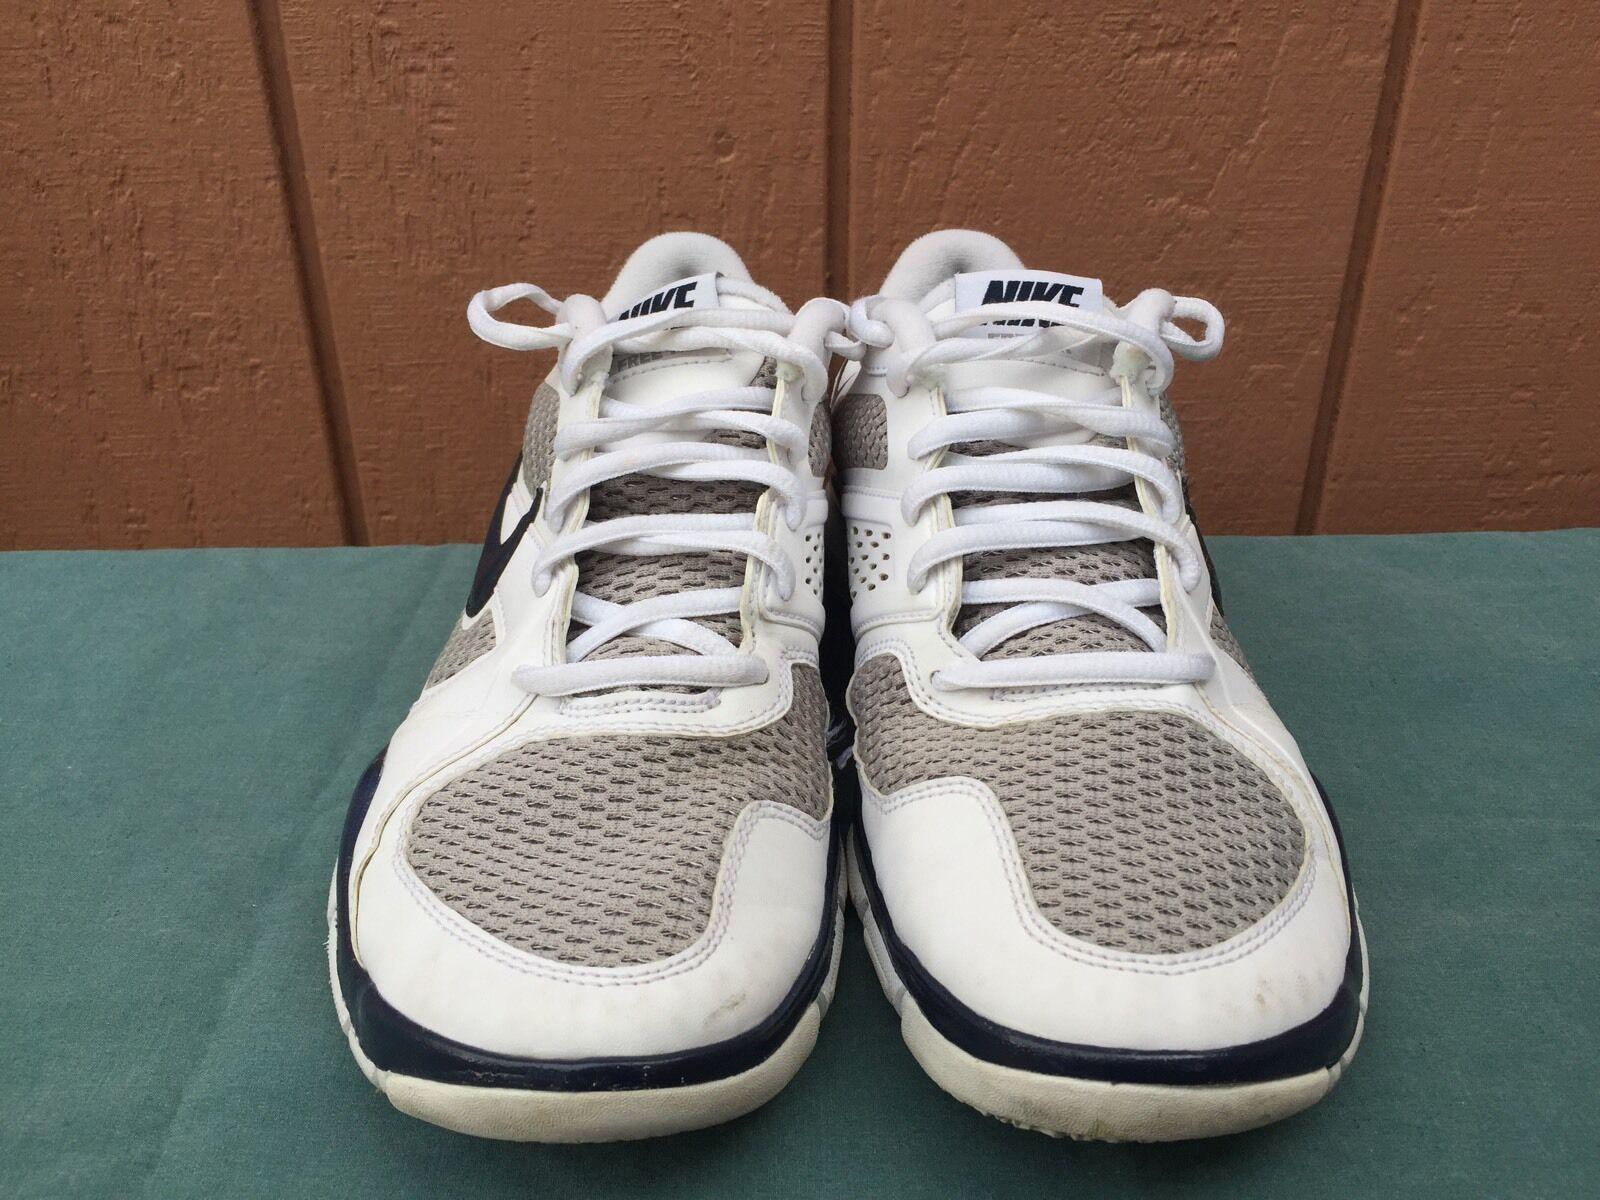 super popular 61f60 87658 ... EUC Nike 442031 140 free TR2 blanco blanco blanco   azul zapatos  corrientes de los hombres ...